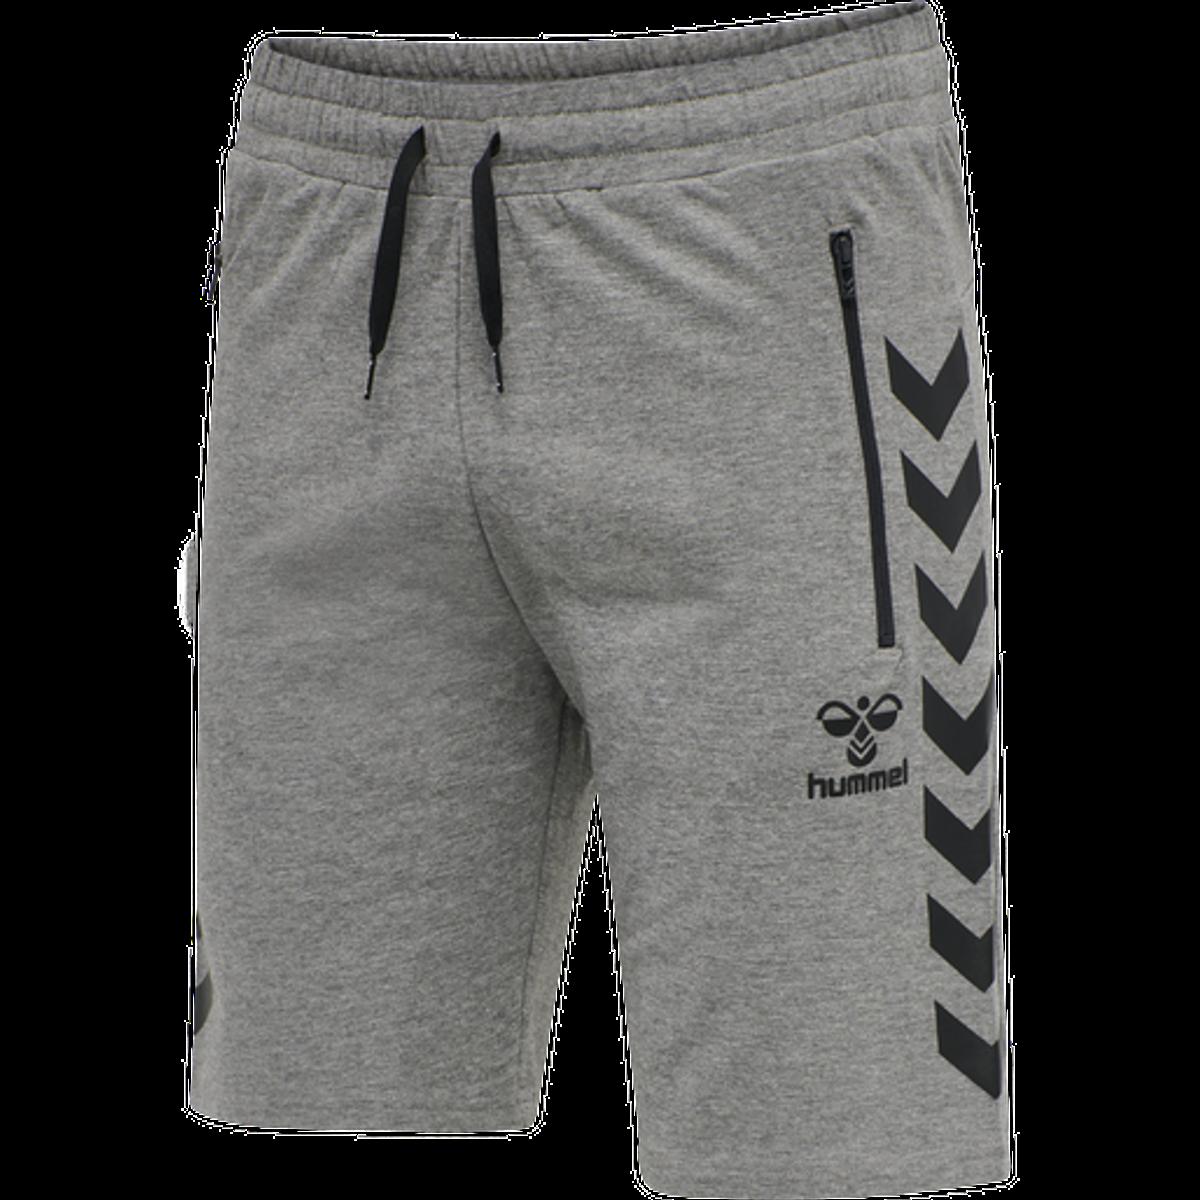 Hummel Ray 2.0 shorts